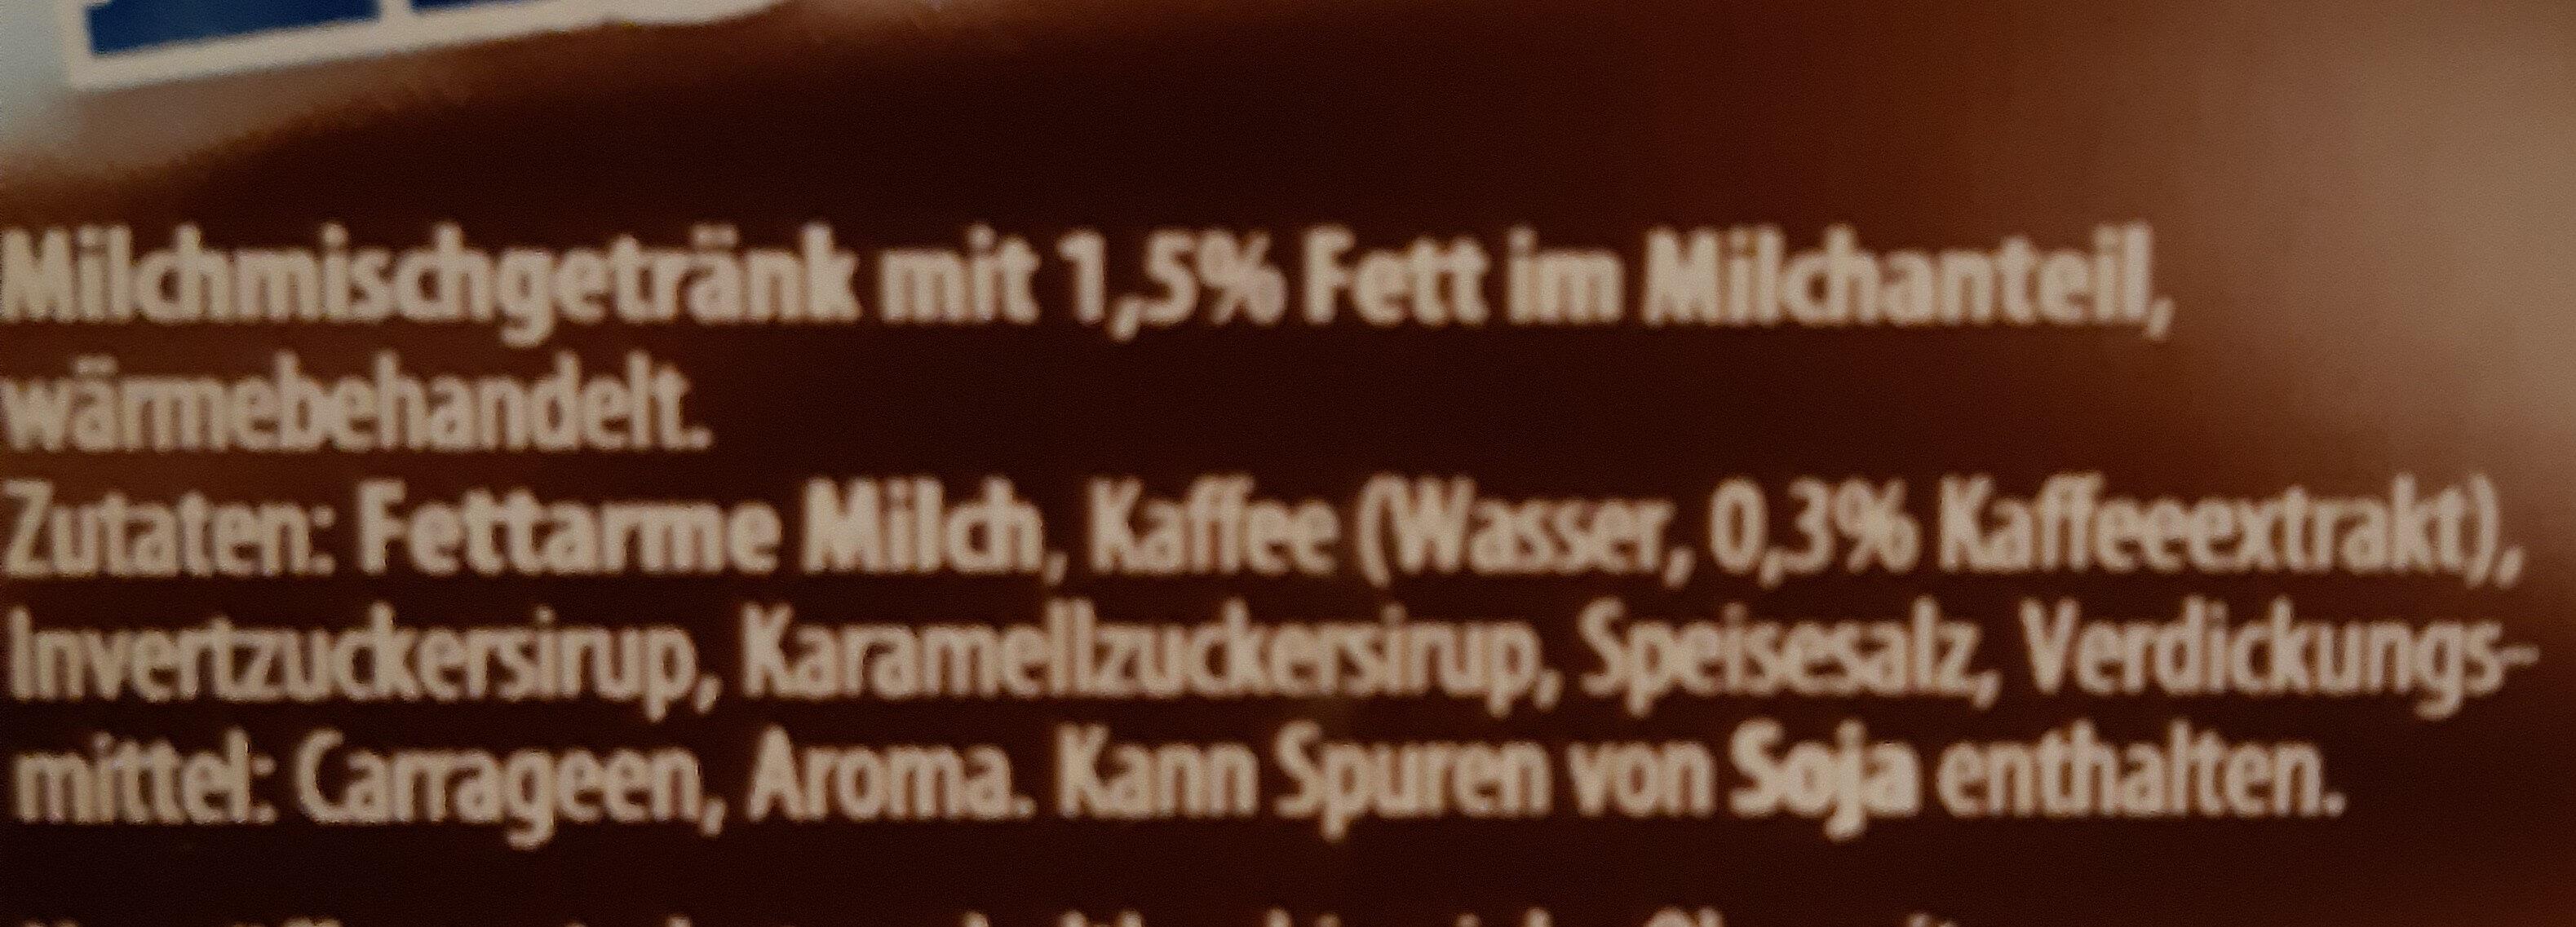 Eis-Kaffee - Inhaltsstoffe - de